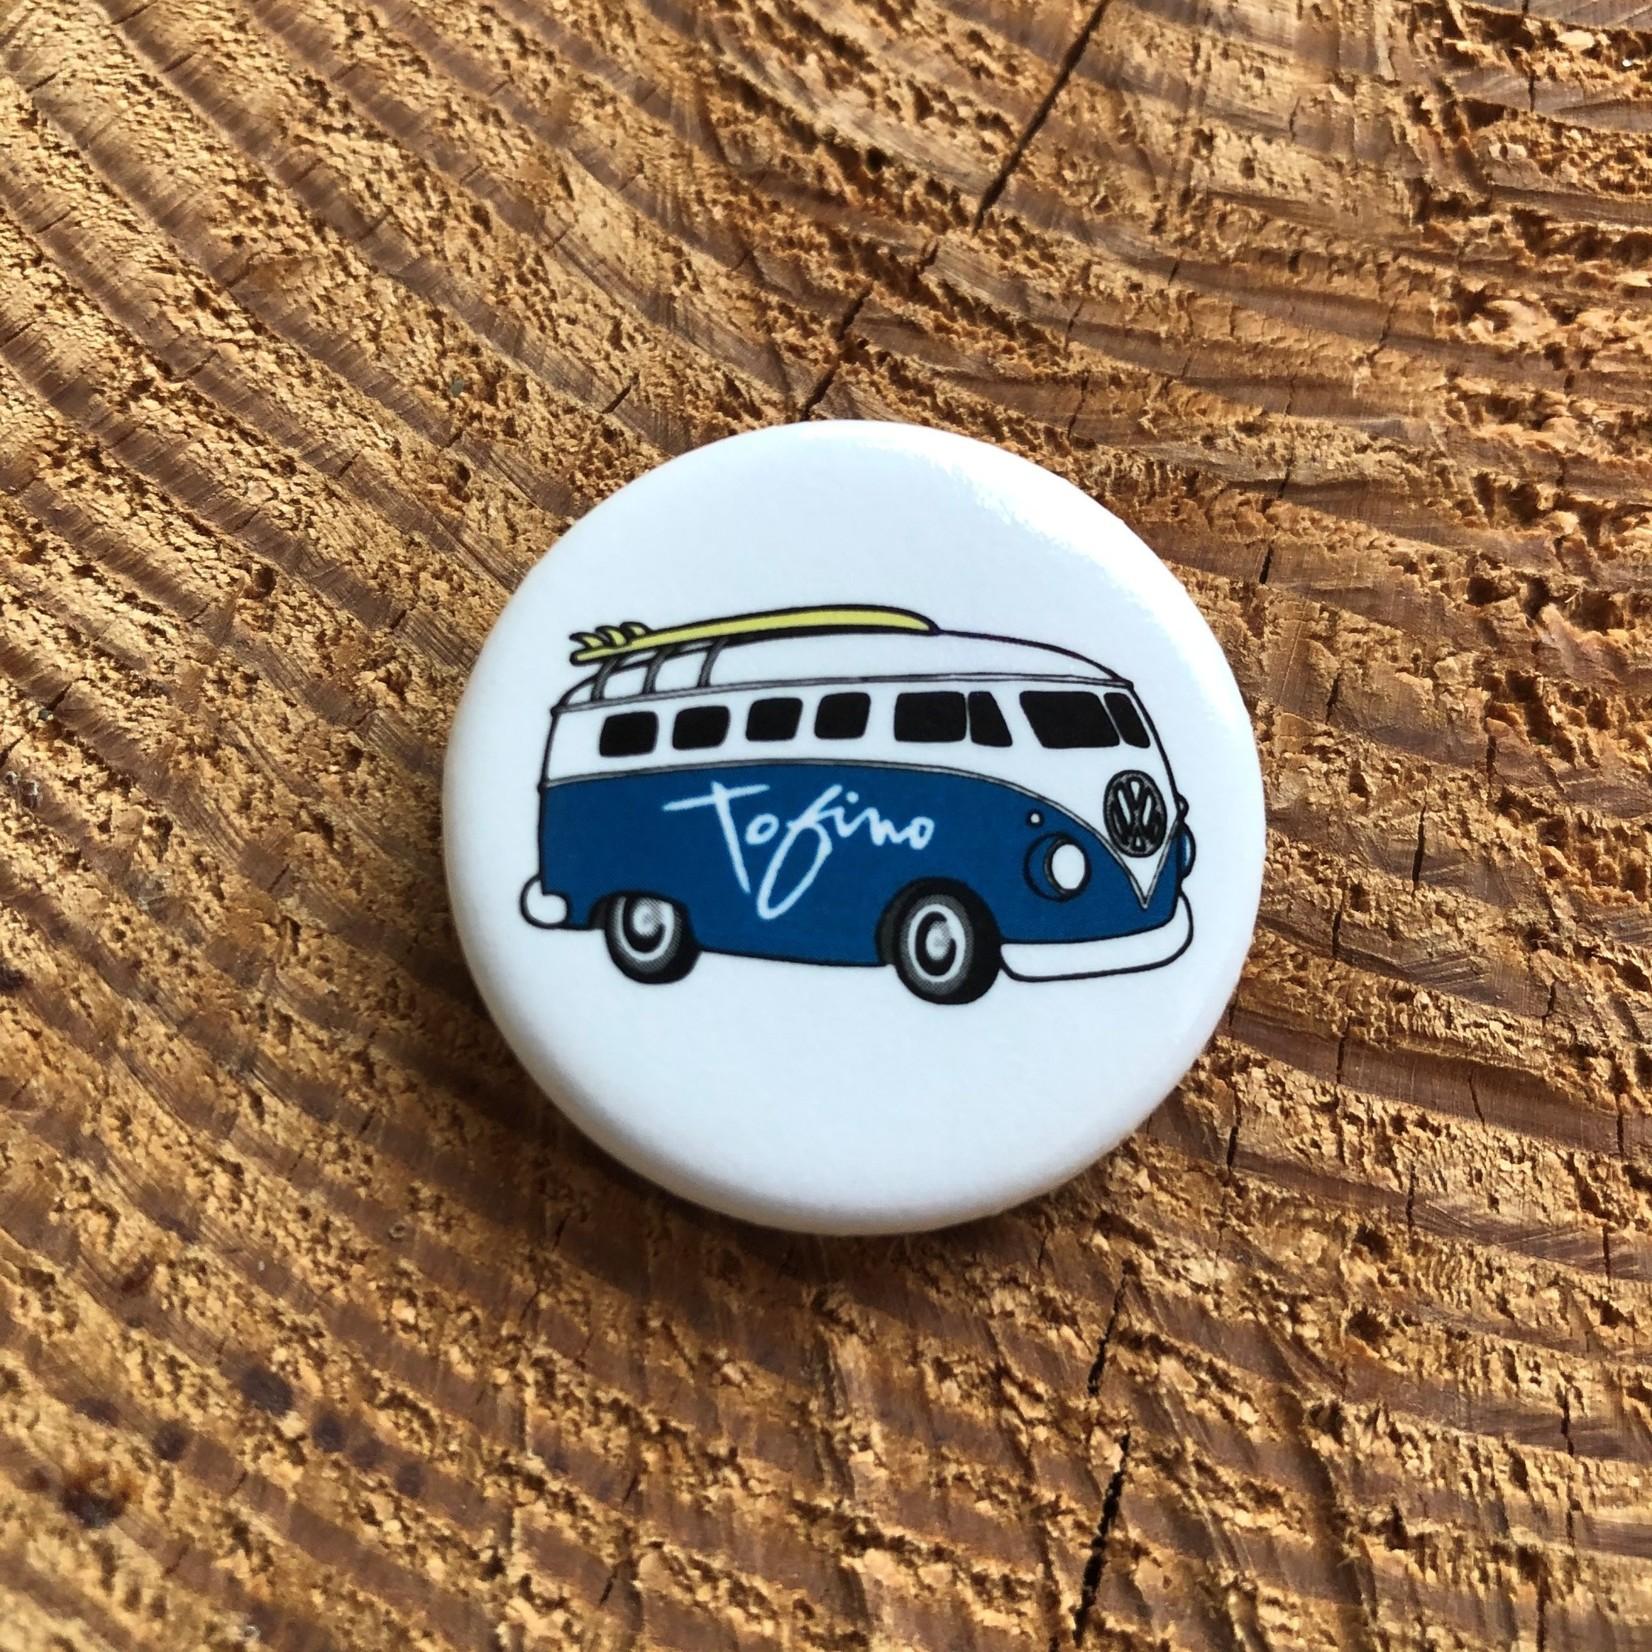 Tourism Tofino Chestervan Button